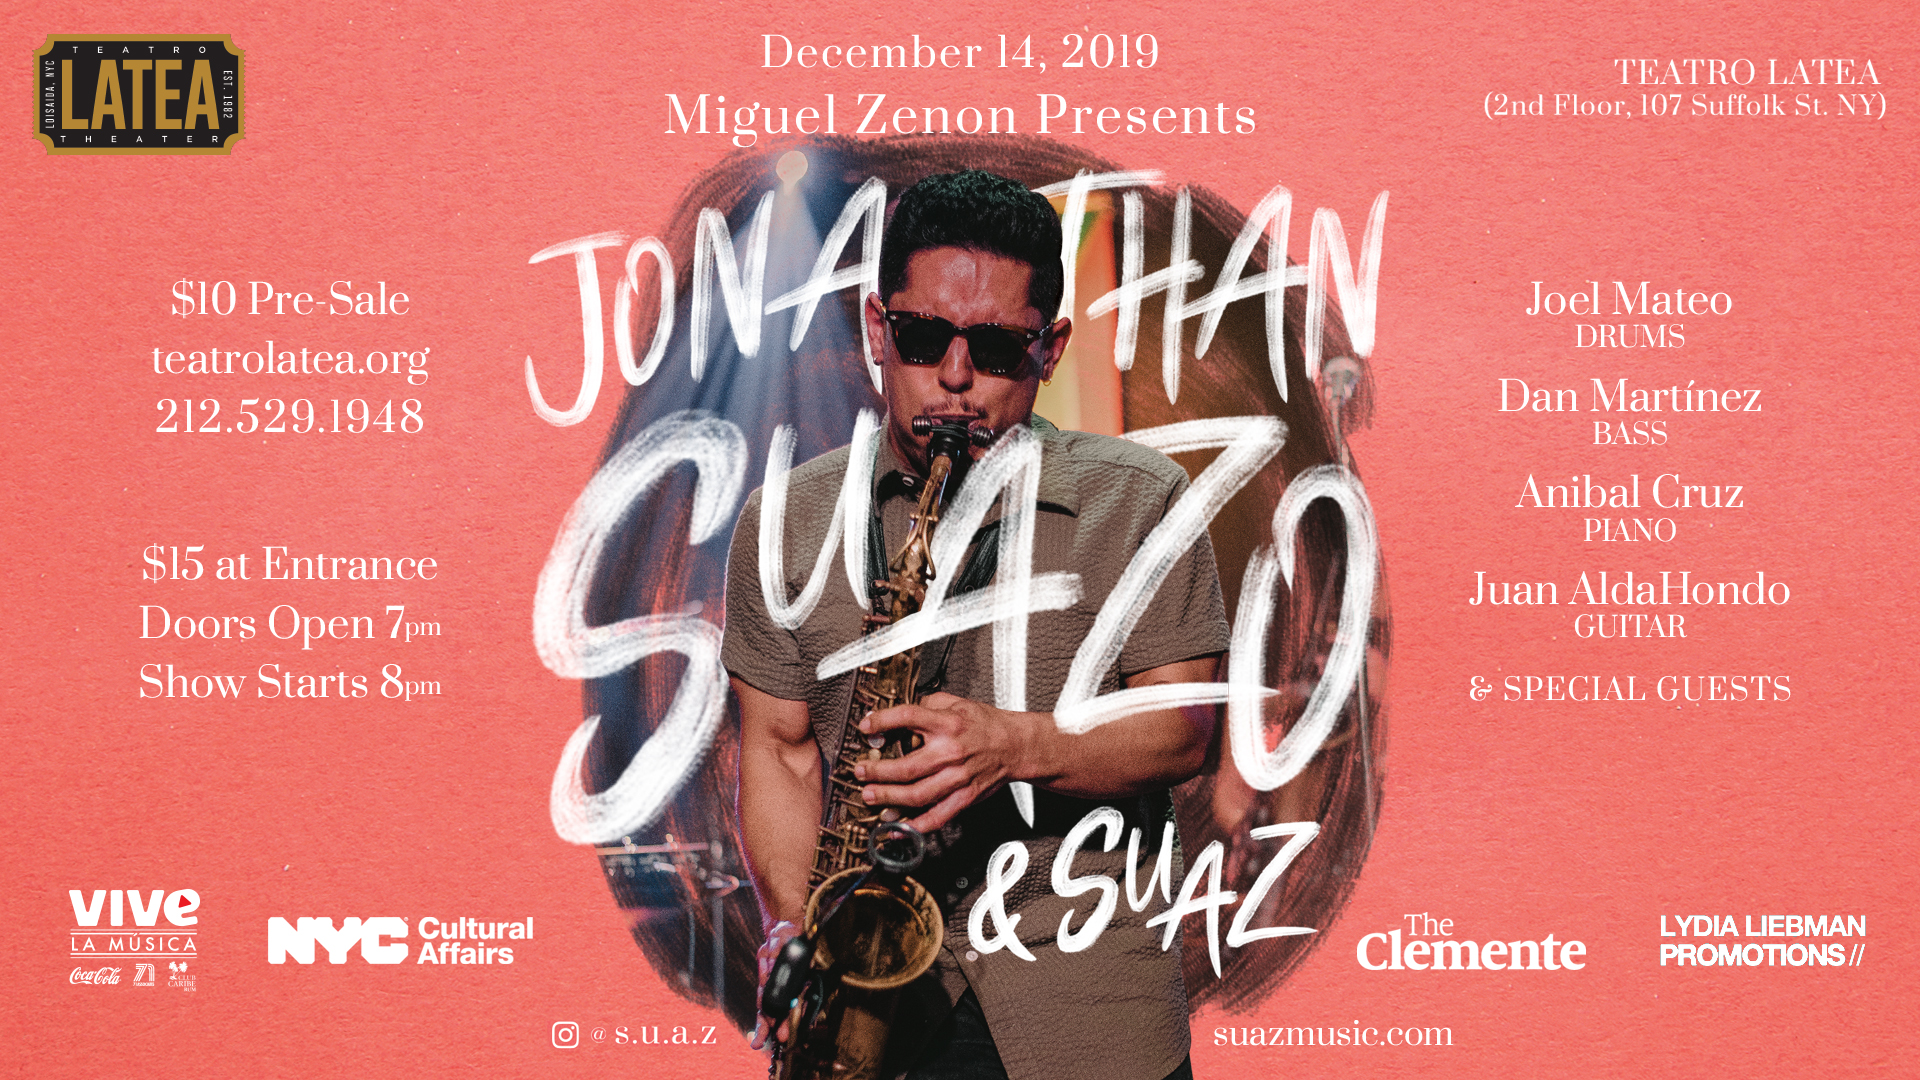 EVENT ANNOUNCEMENT: Miguel Zenón Presents Jazz at LATEA with Jonathan Suazo & Suaz12/14/19